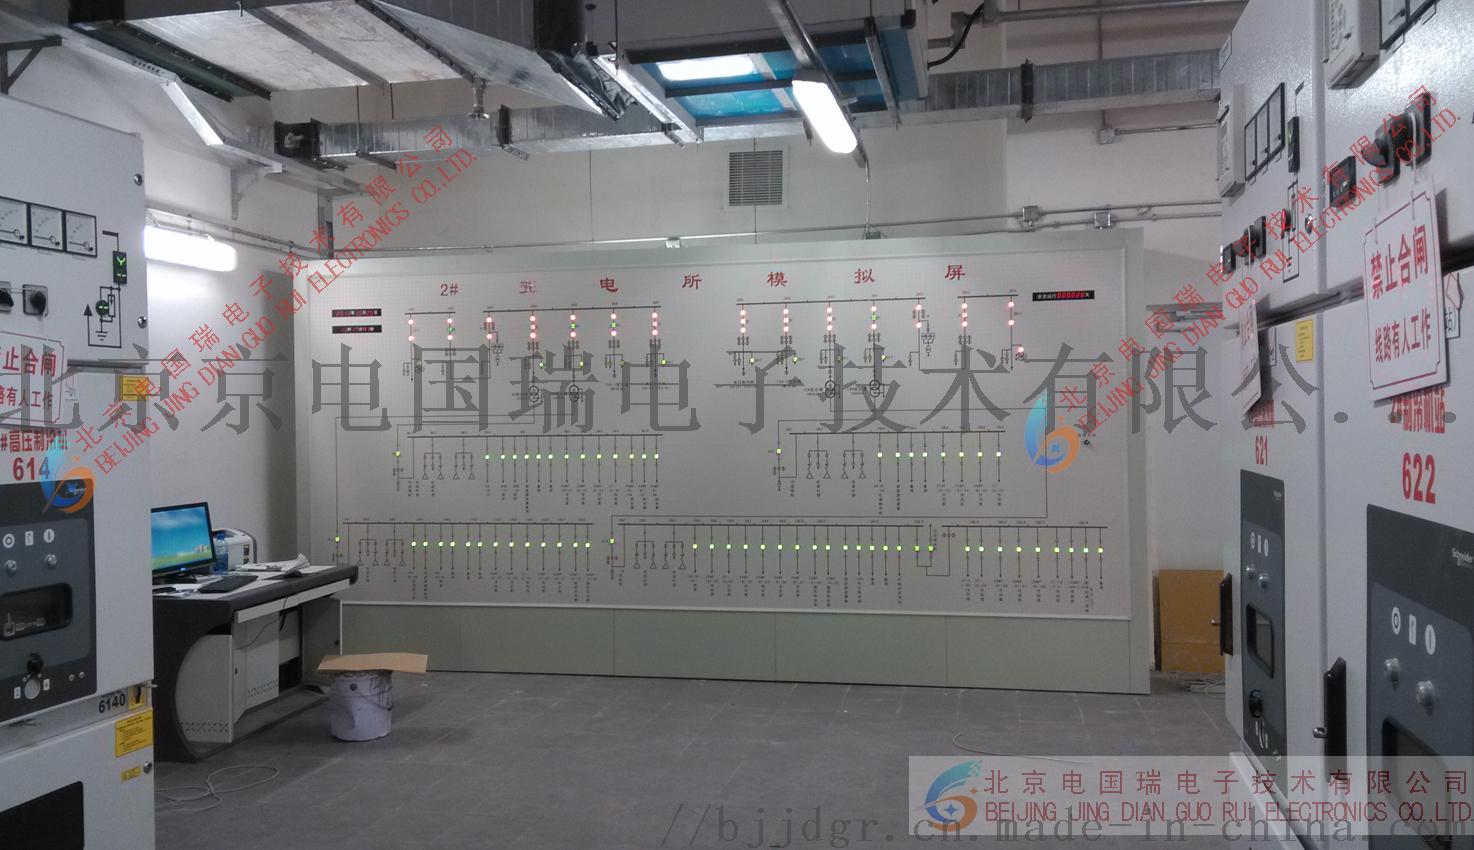 北京模拟屏厂家直销防误操作模拟屏免费配送安装758461292